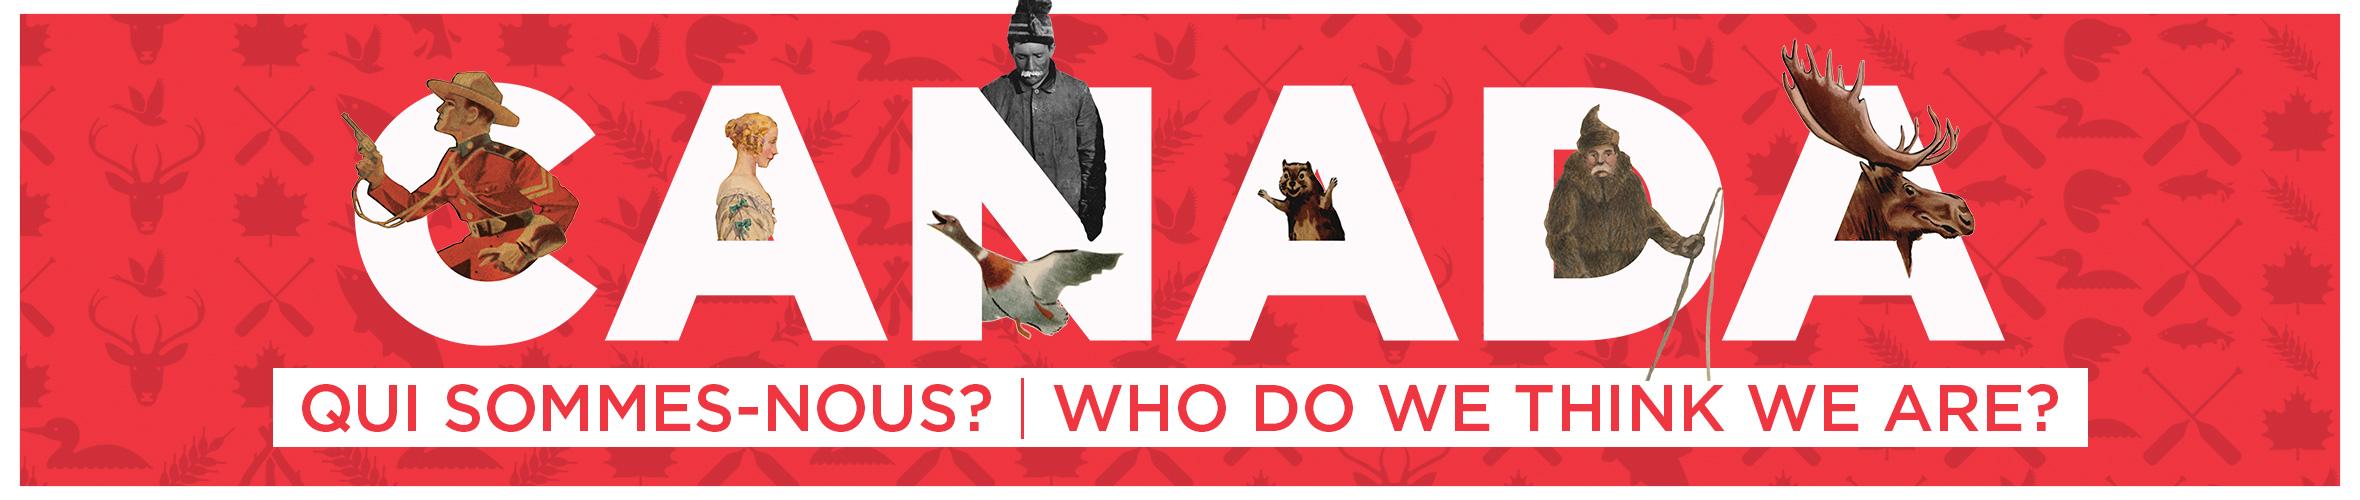 Canada : Qui sommes-nous ? jusqu'au 1 mars 2018